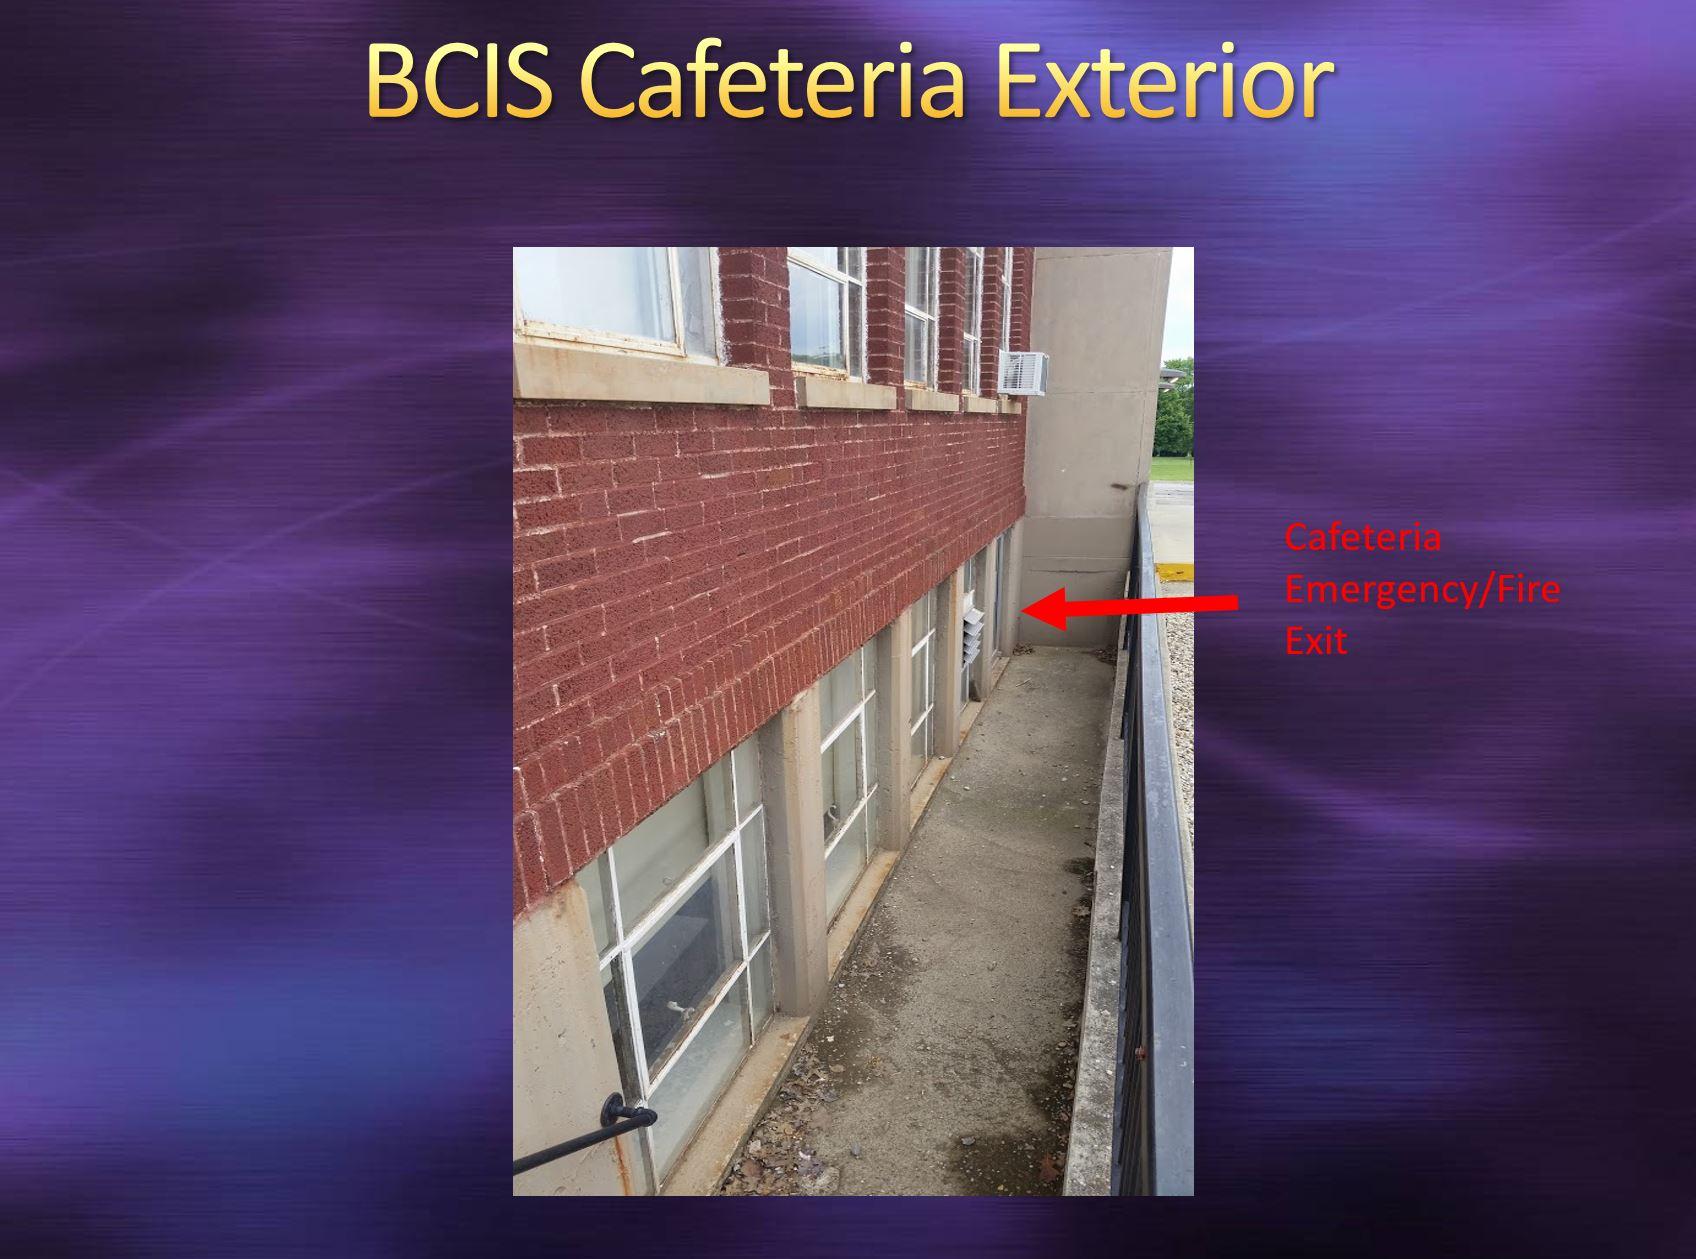 BCIS Cafeteria Exterior